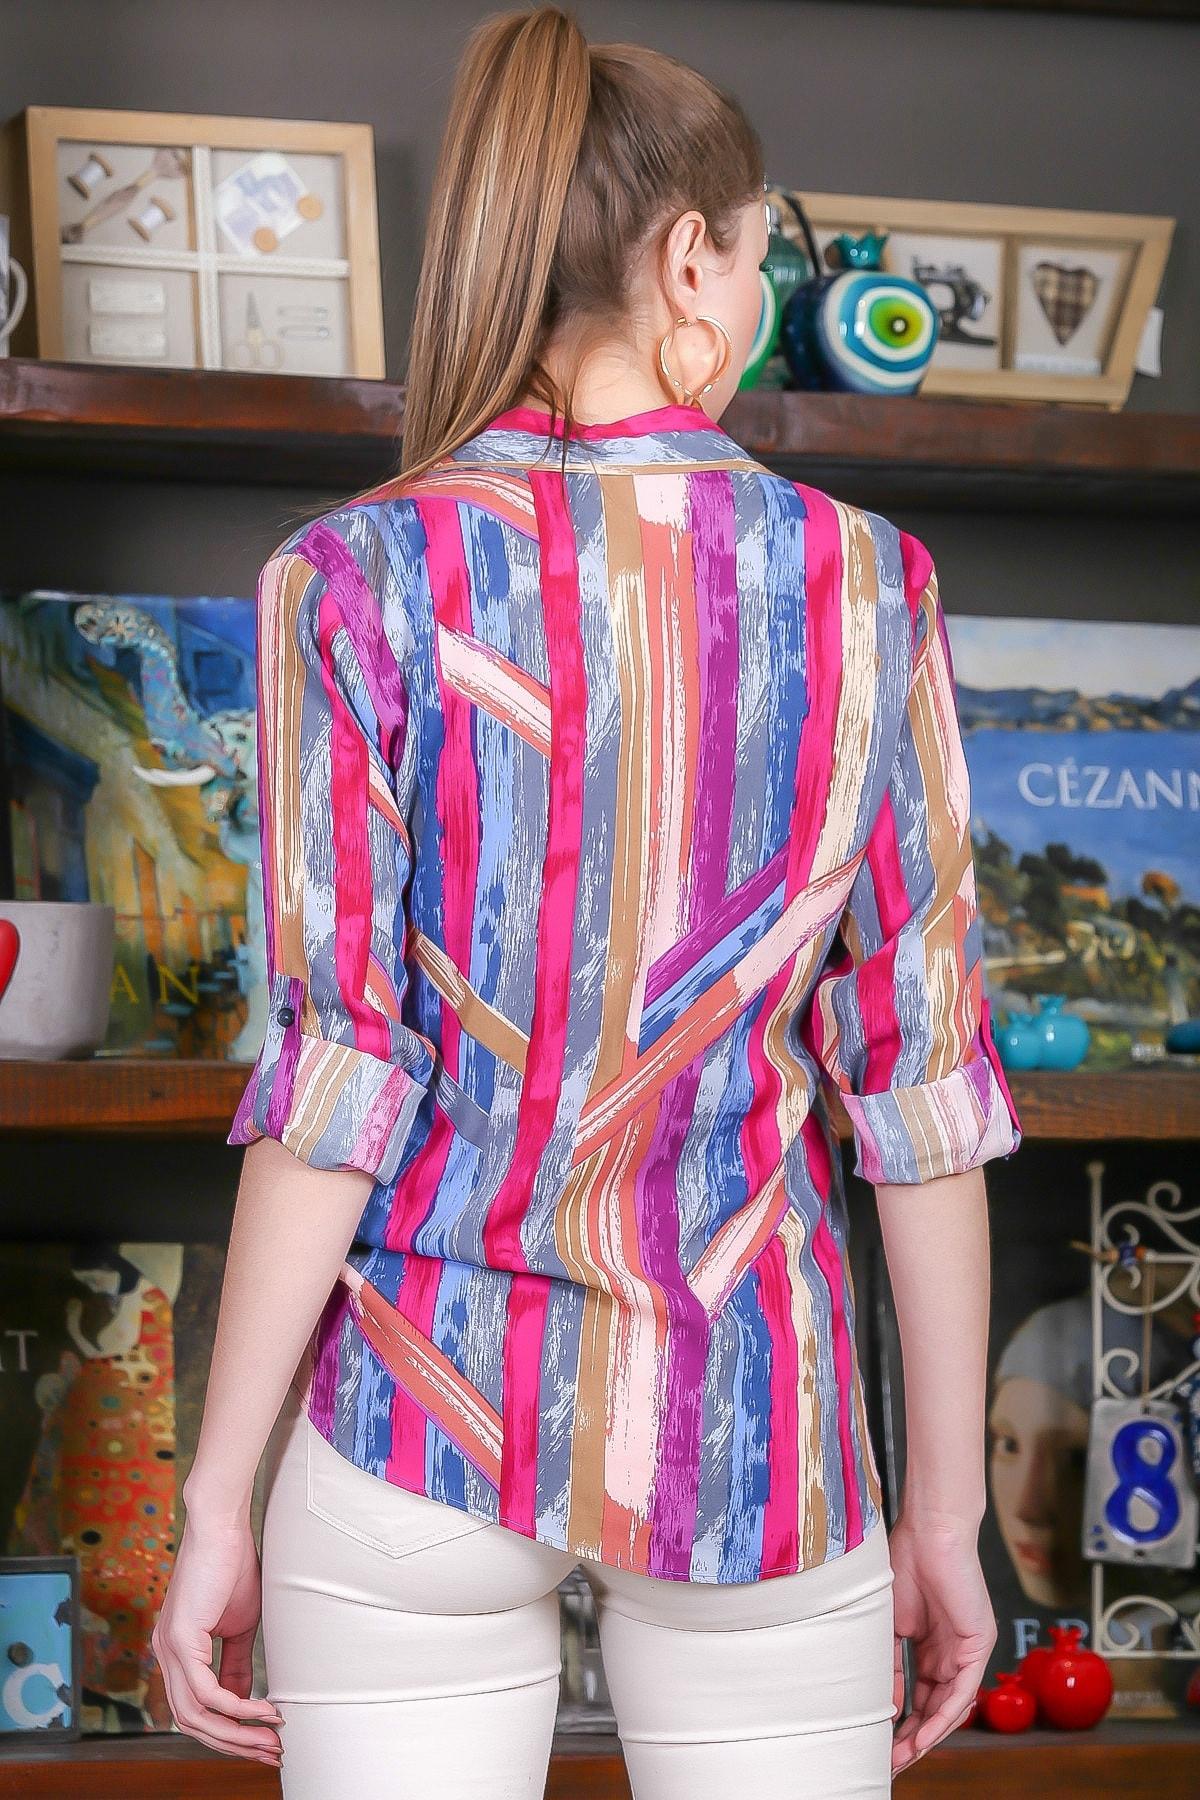 Chiccy Kadın Pembe-Mavi Renkli Çizgi Desenli Kolları Ayar Düğmeli Dokuma Gömlek M10010400GM99441 4